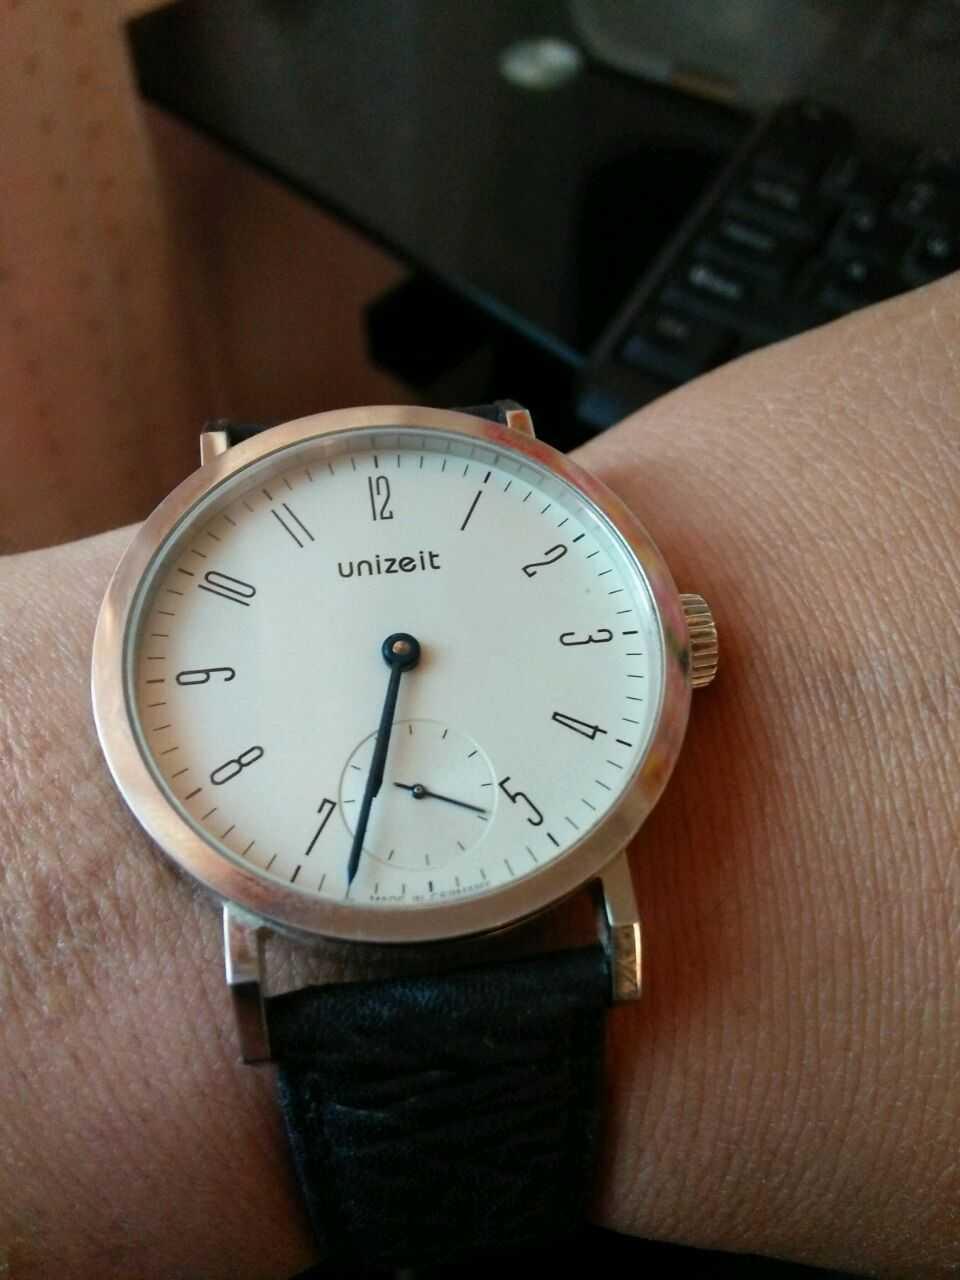 优立时BM003-SL100-00HN手表【表友晒单作业】带了好几天...